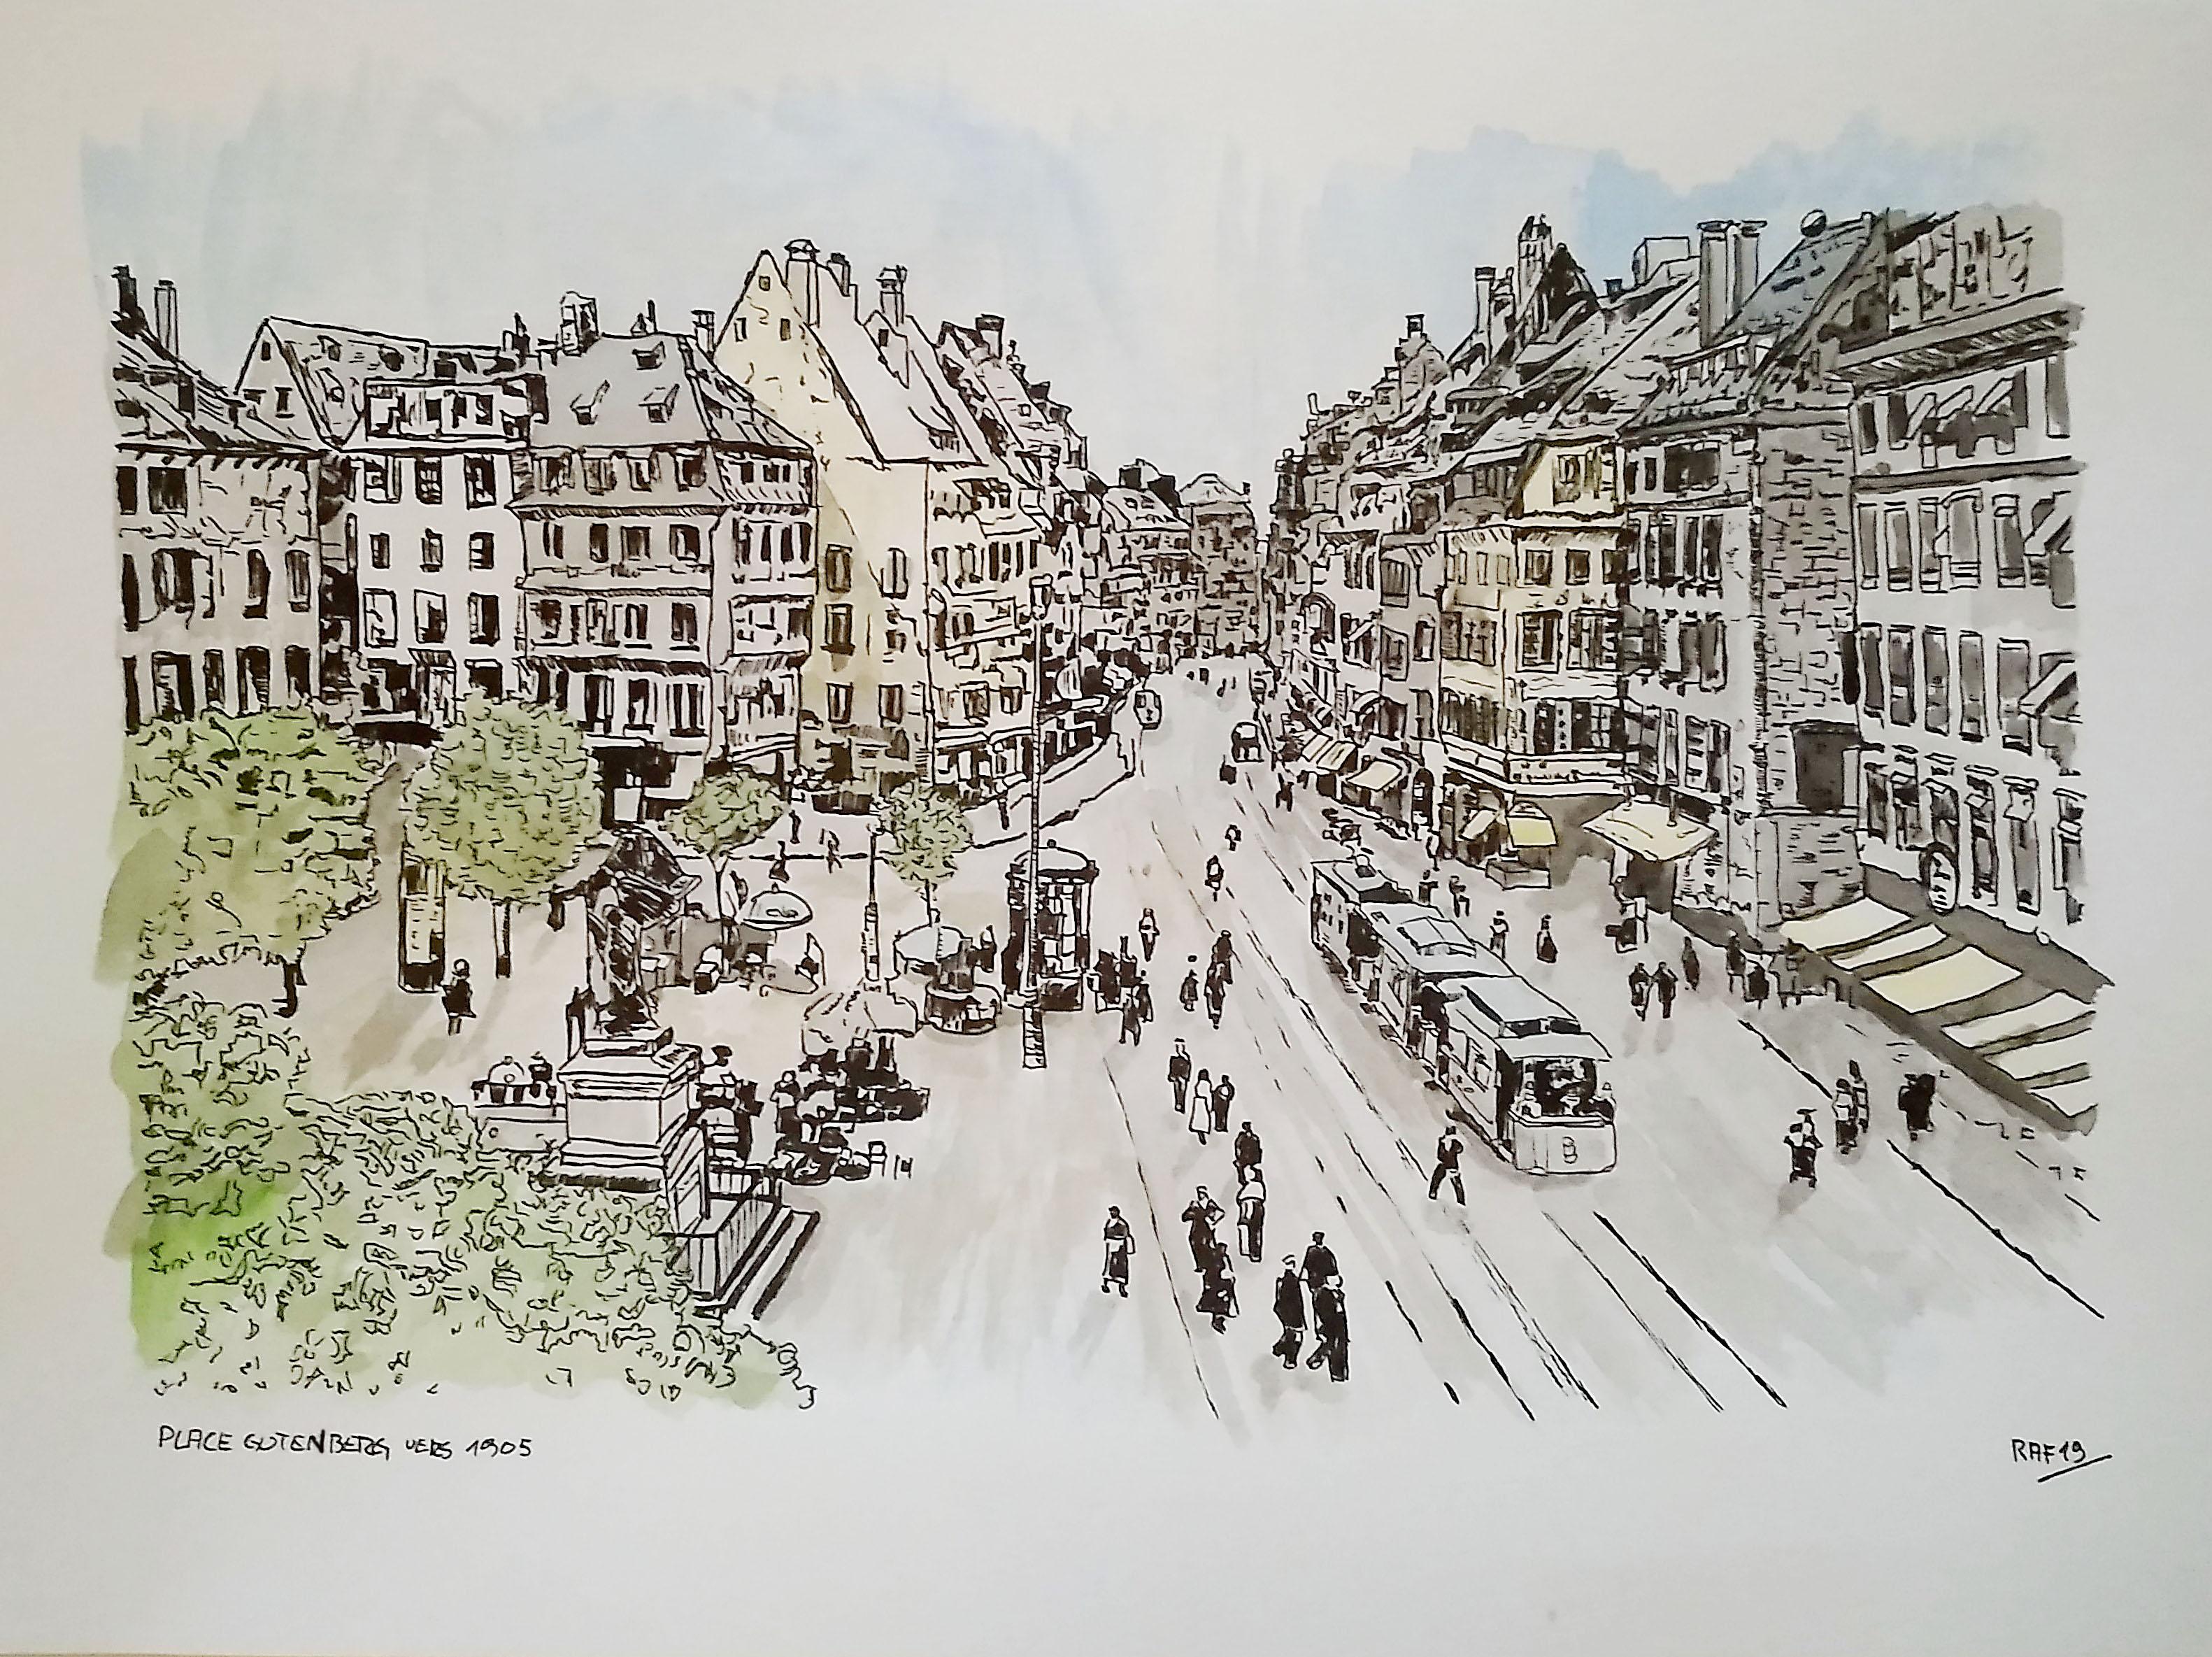 Strasbourg - place Gutenberg